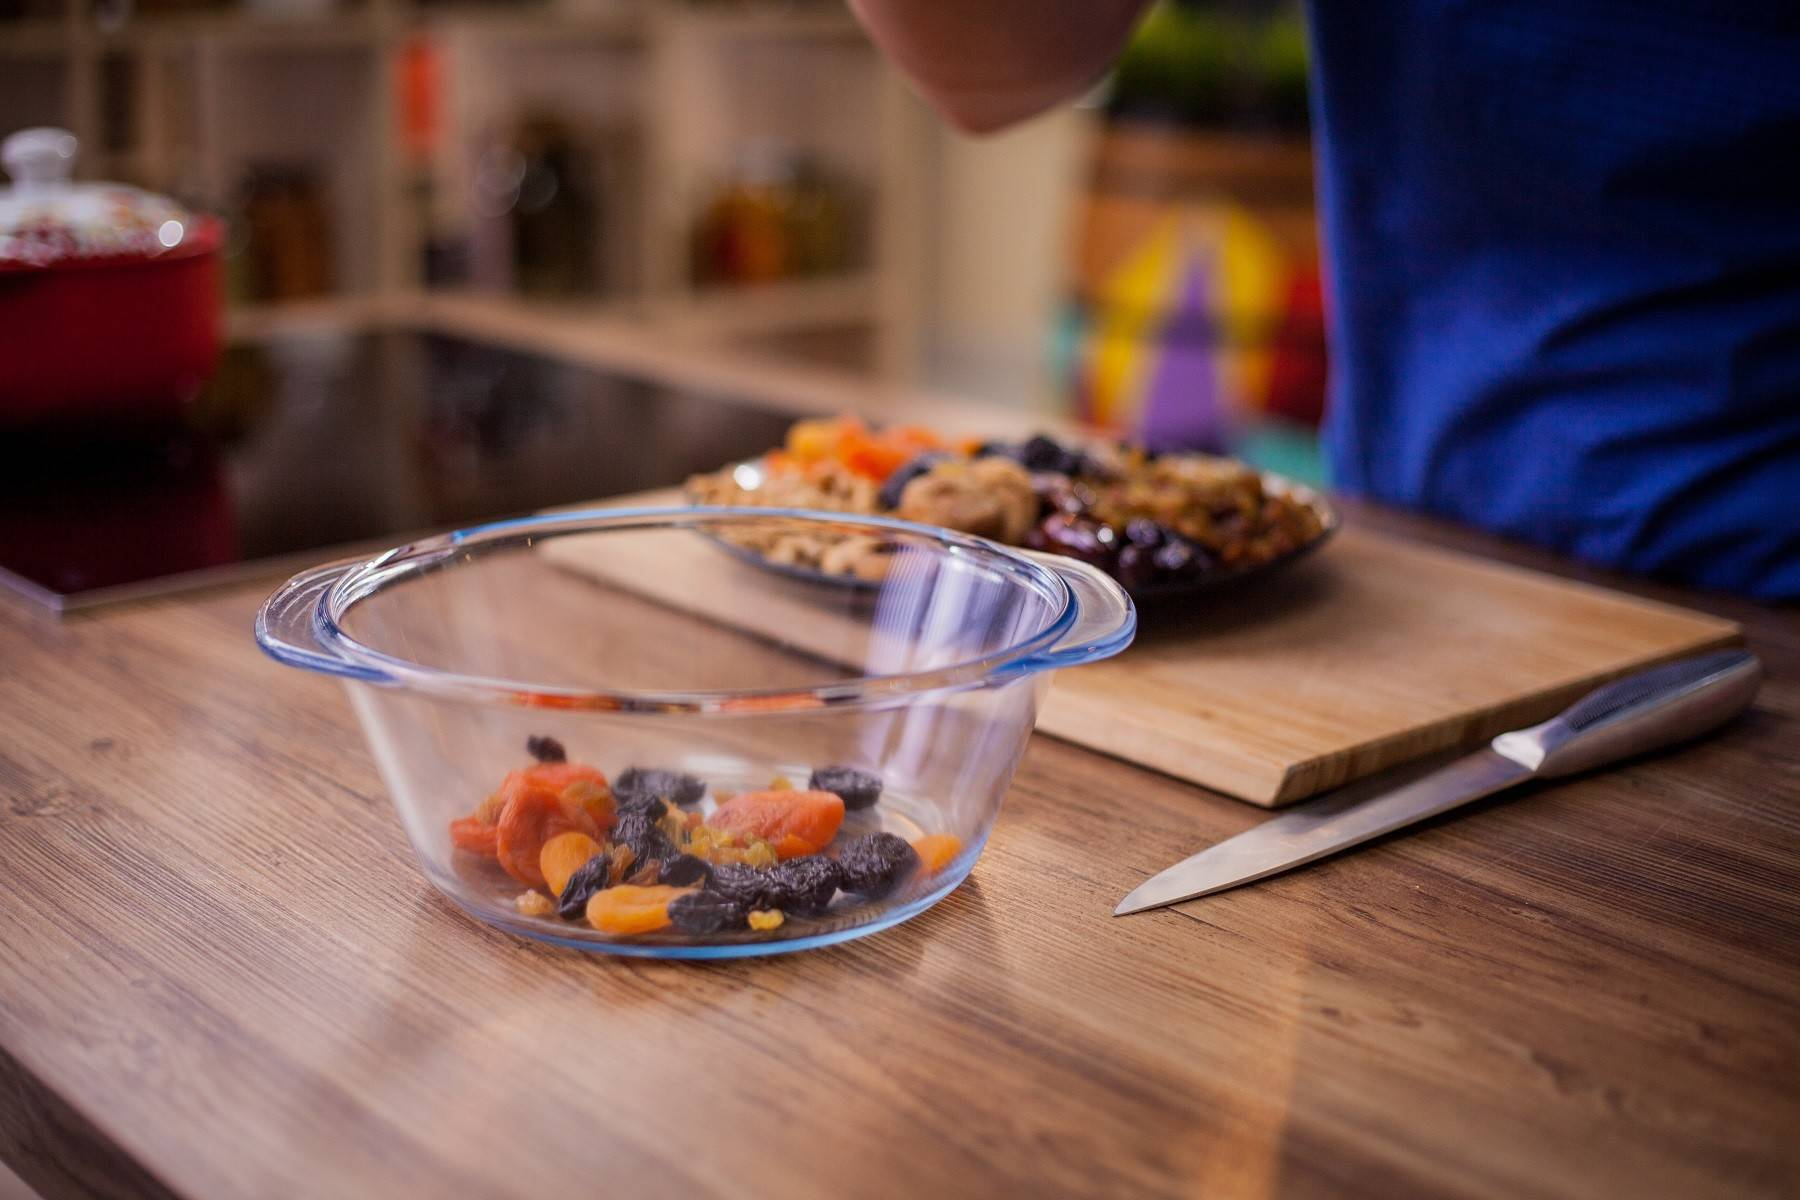 Как приготовить кашу из киноа с соте из груш? пошаговый рецепт с фото.